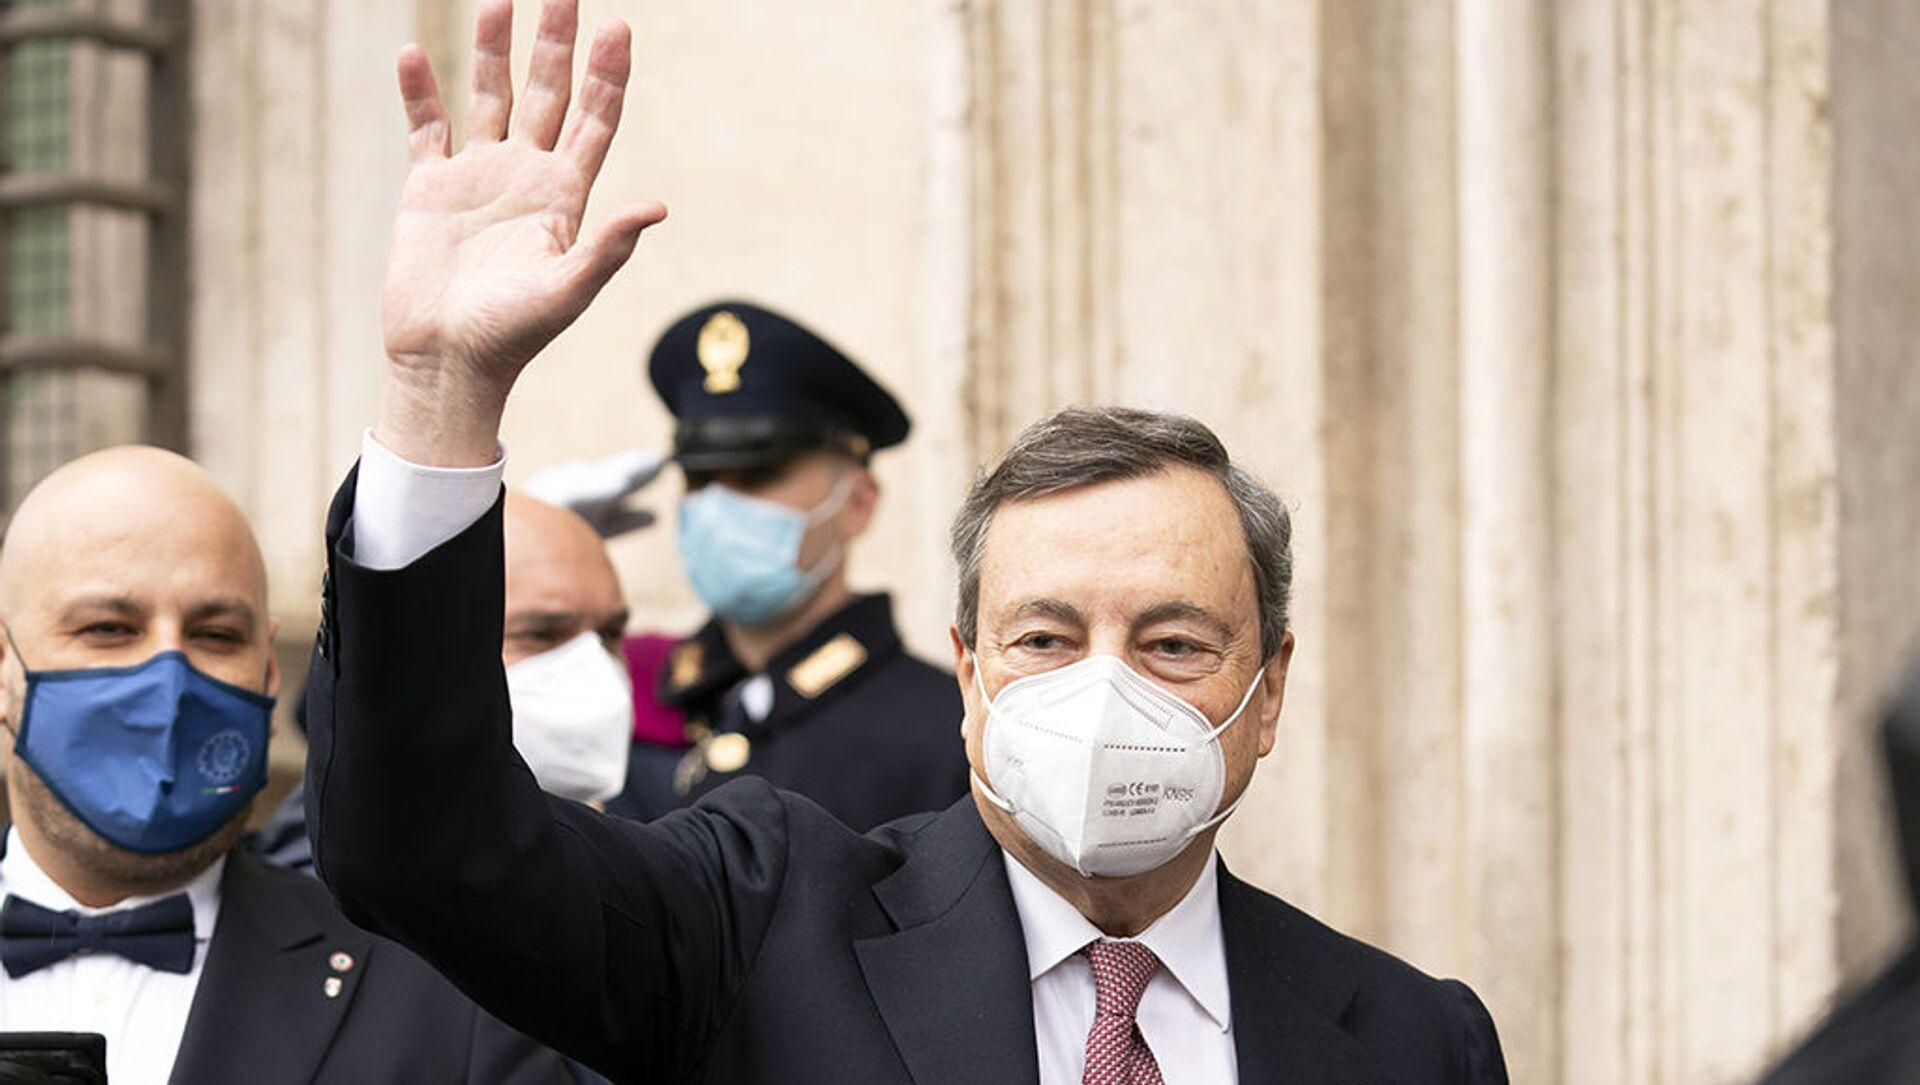 Mario Draghi prima del giuramento - Sputnik Italia, 1920, 15.02.2021